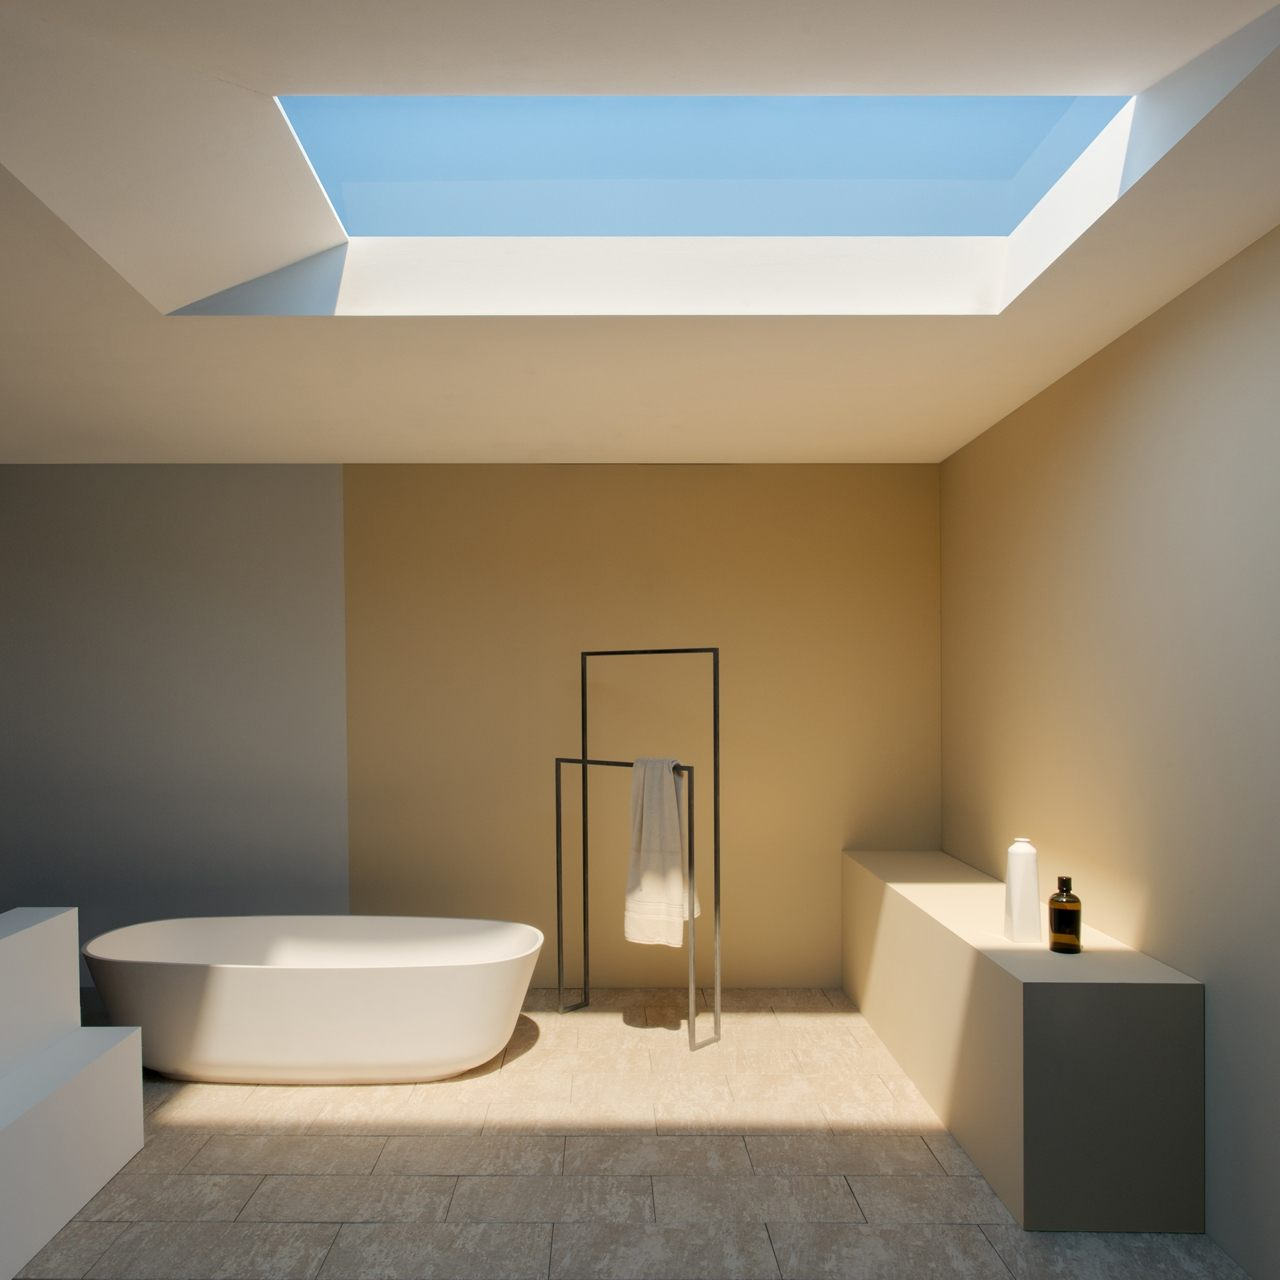 diseno cuarto baño moderno claraboya